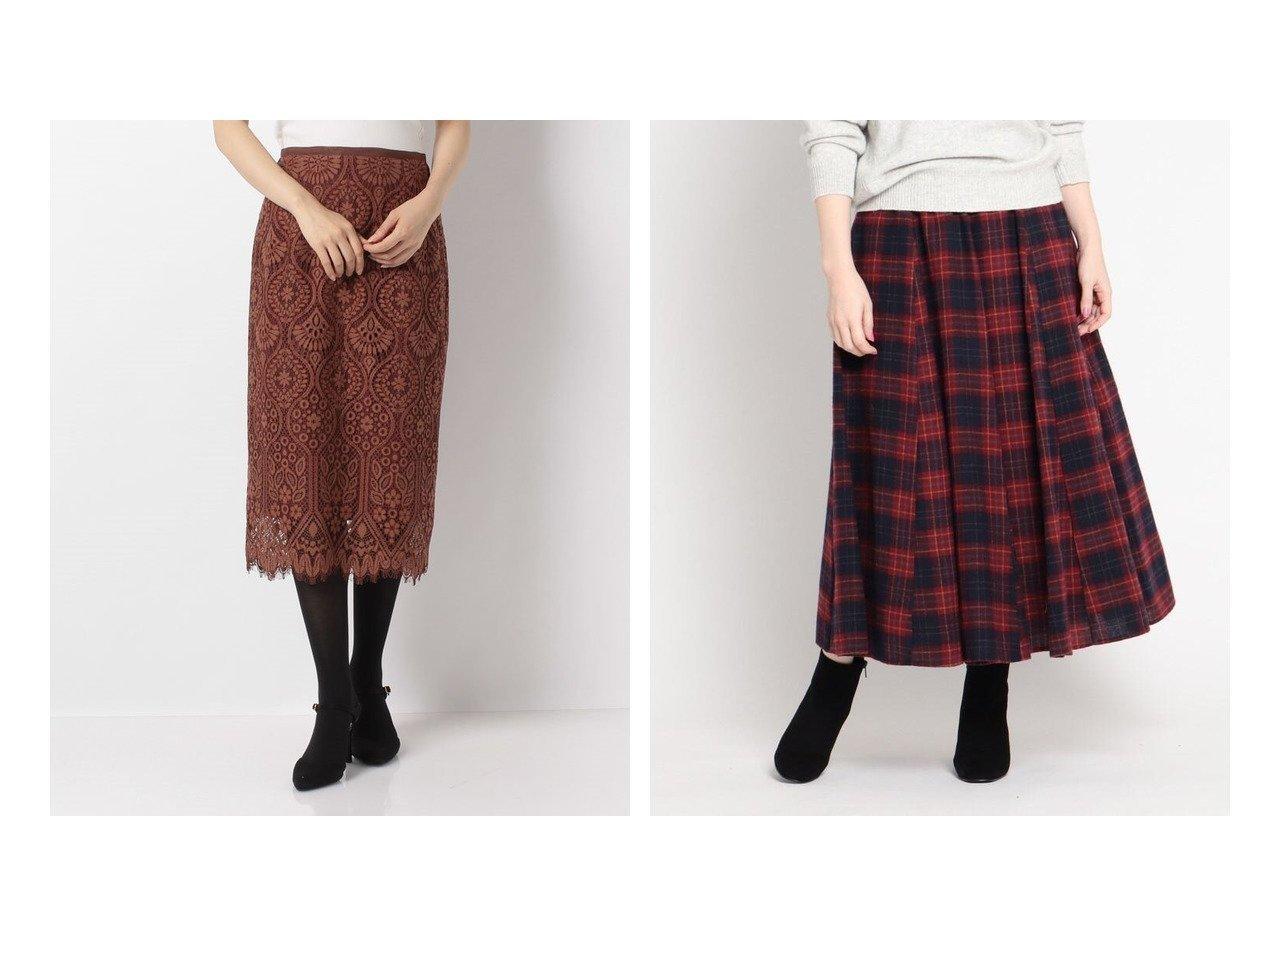 【Dessin/デッサン】のウール調ガーゼフレアスカート&【allureville/アルアバイル】の配色BIGモチーフレーススカート スカートのおすすめ!人気、レディースファッションの通販 おすすめで人気のファッション通販商品 インテリア・家具・キッズファッション・メンズファッション・レディースファッション・服の通販 founy(ファニー) https://founy.com/ ファッション Fashion レディース WOMEN スカート Skirt Aライン/フレアスカート Flared A-Line Skirts タイトスカート モチーフ ラグジュアリー レース シンプル チェック フィット フェミニン フレア ポケット |ID:crp329100000002189